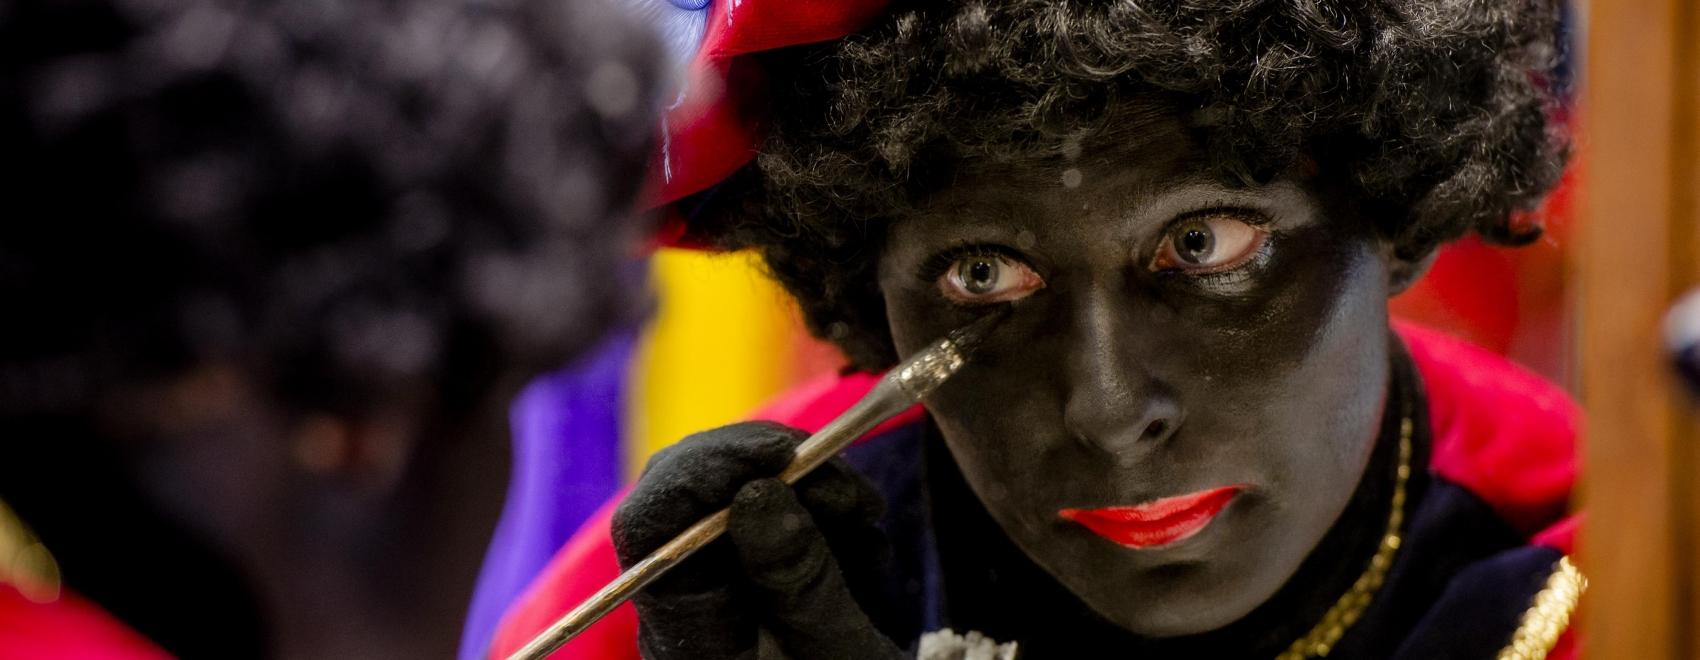 Zwarte Piet maakt zich op voor zijn vrolijke kinderpubliek